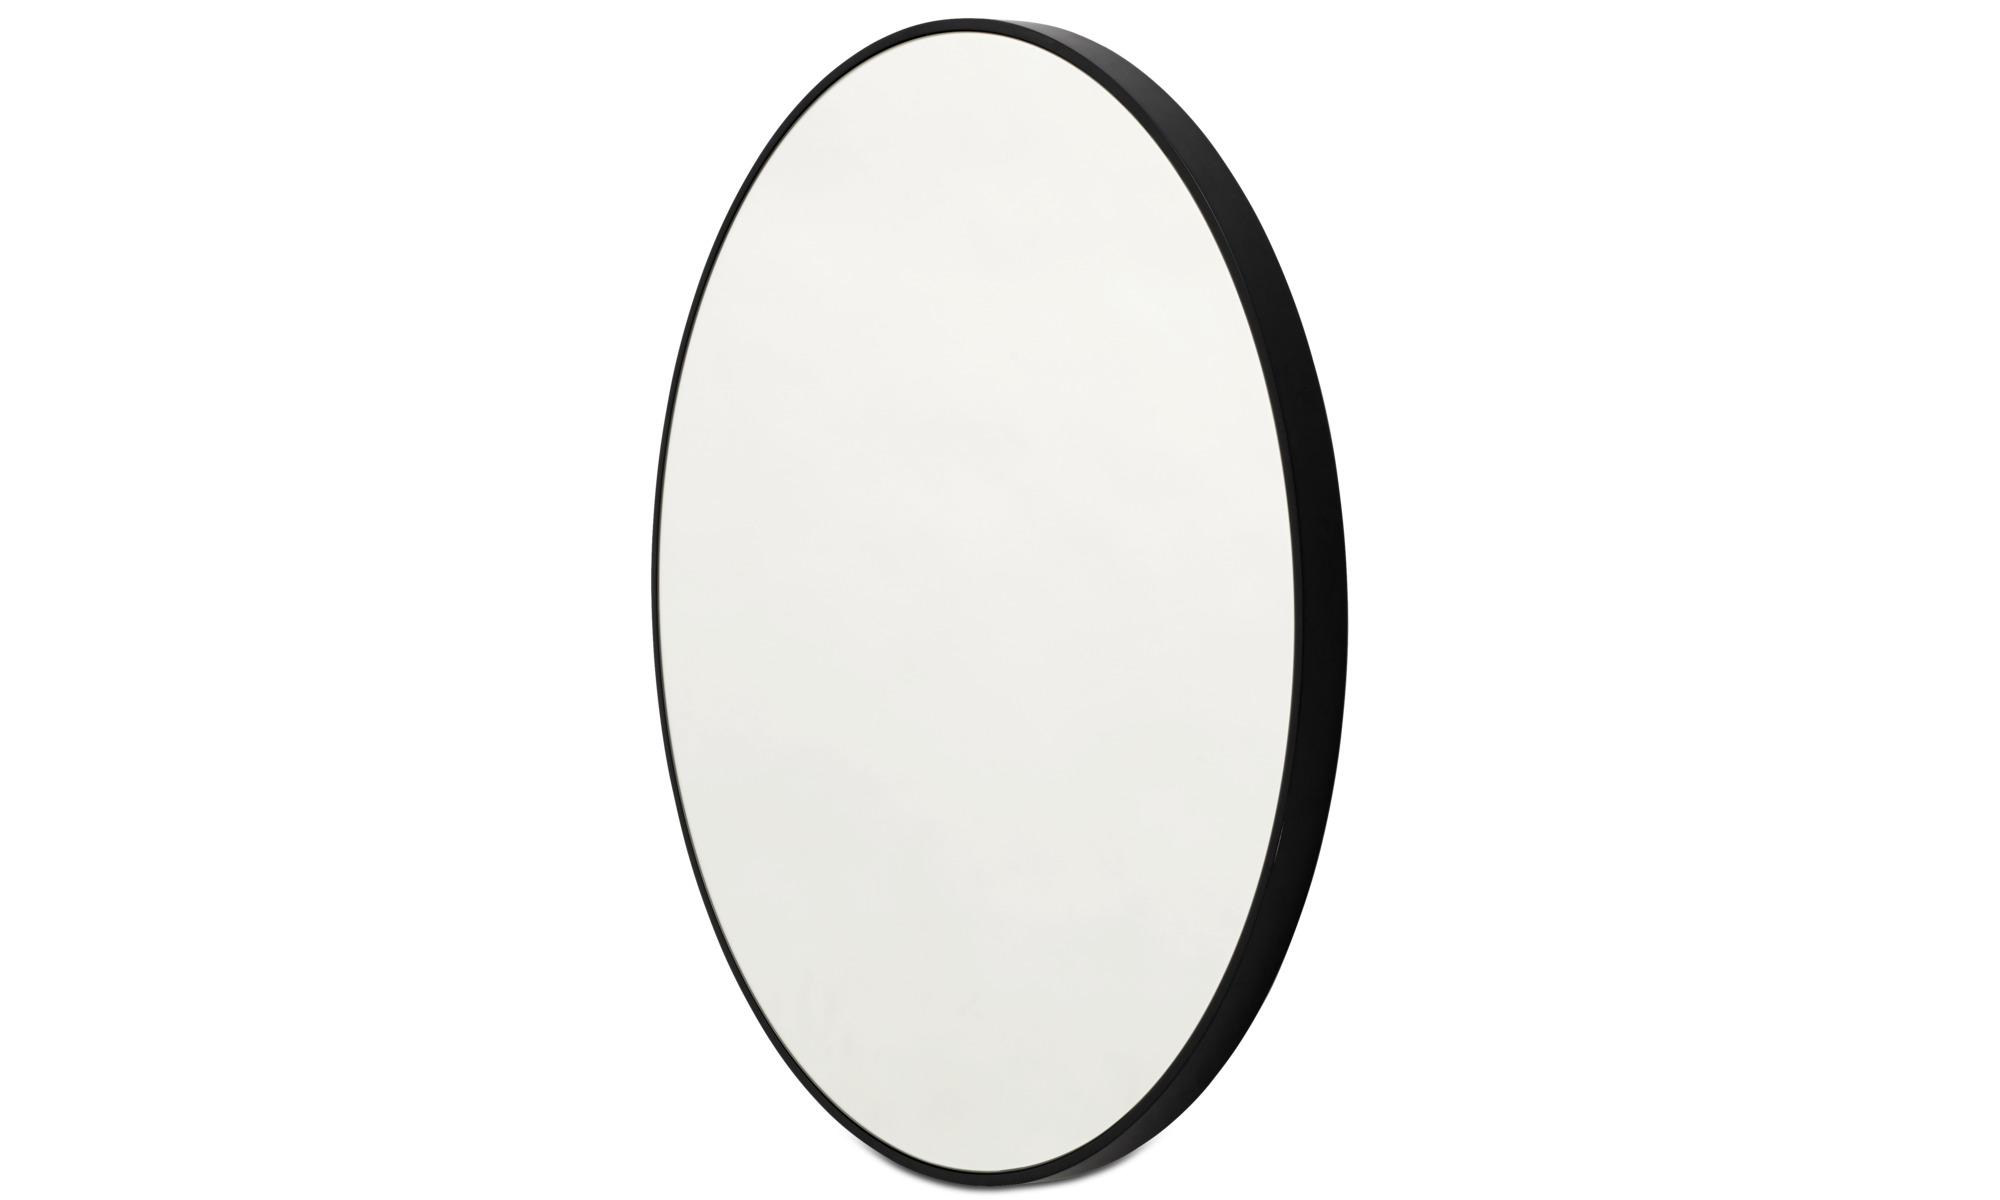 Speglar - Ring spegel - Svart - Glas